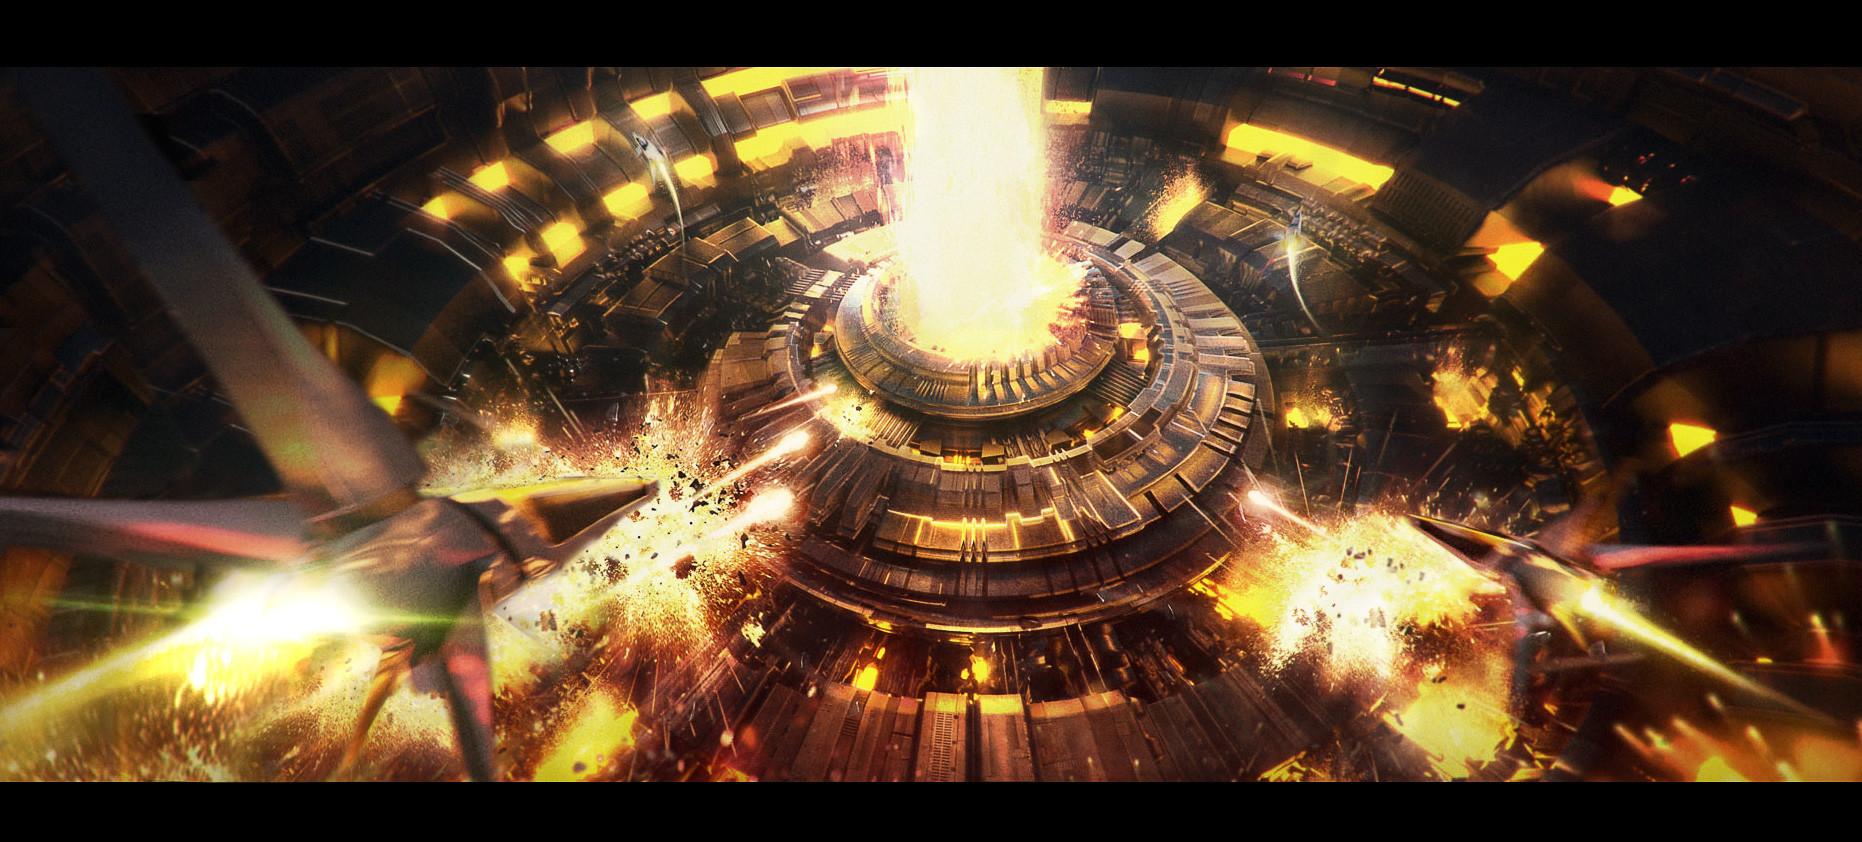 Maciej drabik reactor2